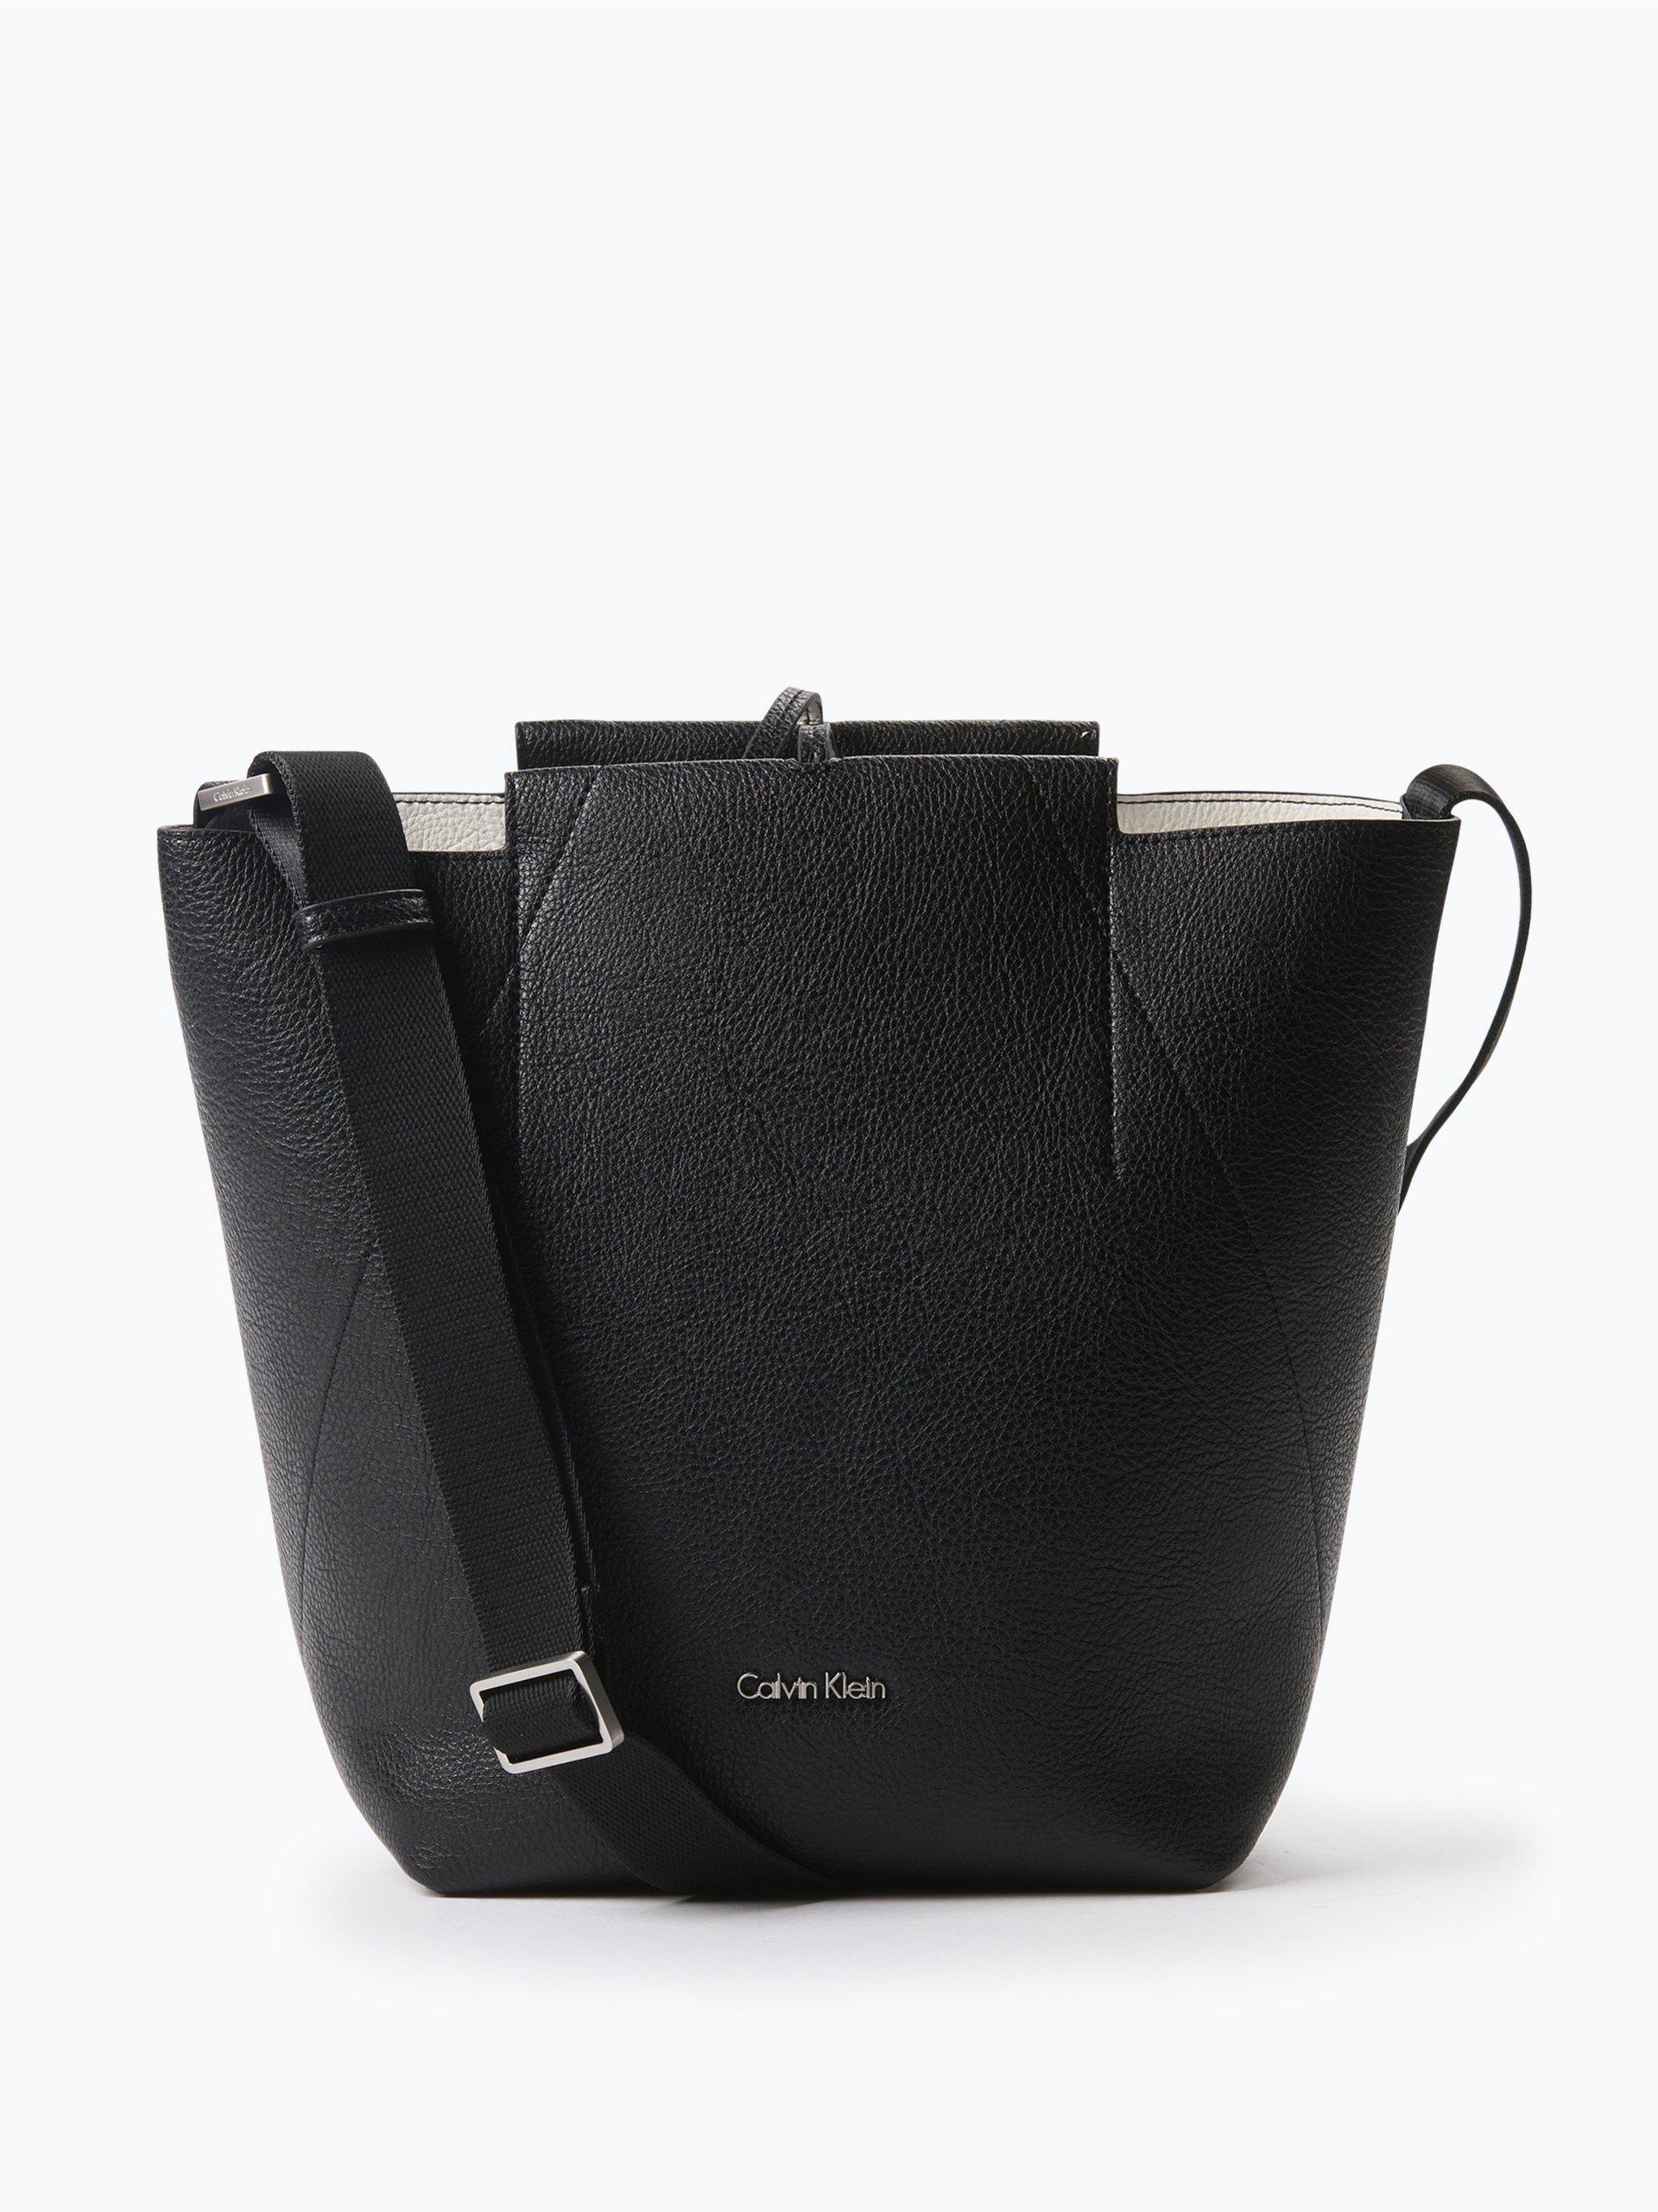 calvin klein damen wende handtasche mit handtasche in. Black Bedroom Furniture Sets. Home Design Ideas